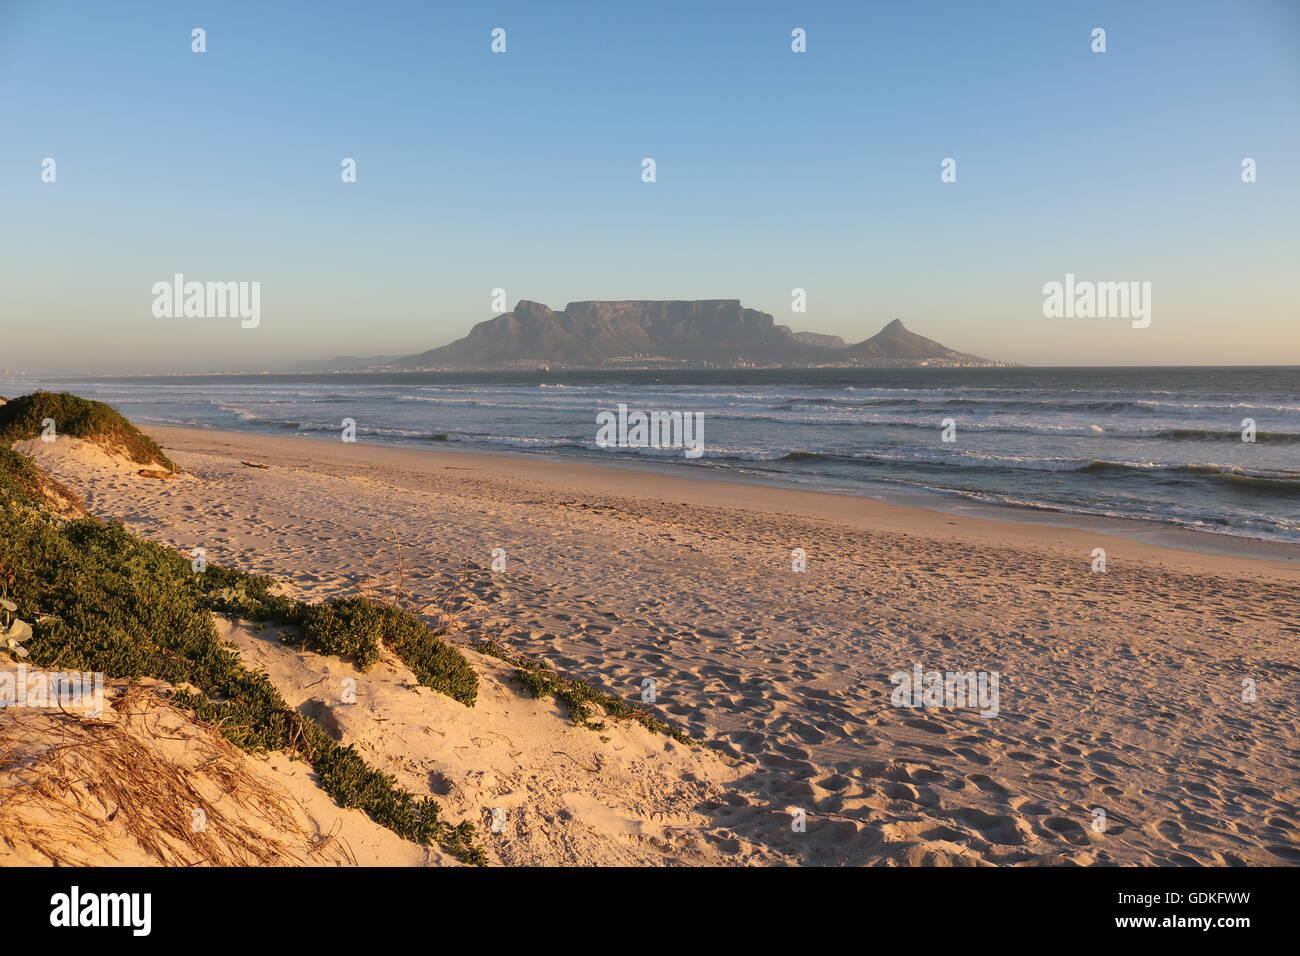 Atardecer en la montaña Table Cape Town South Africa Imagen De Stock